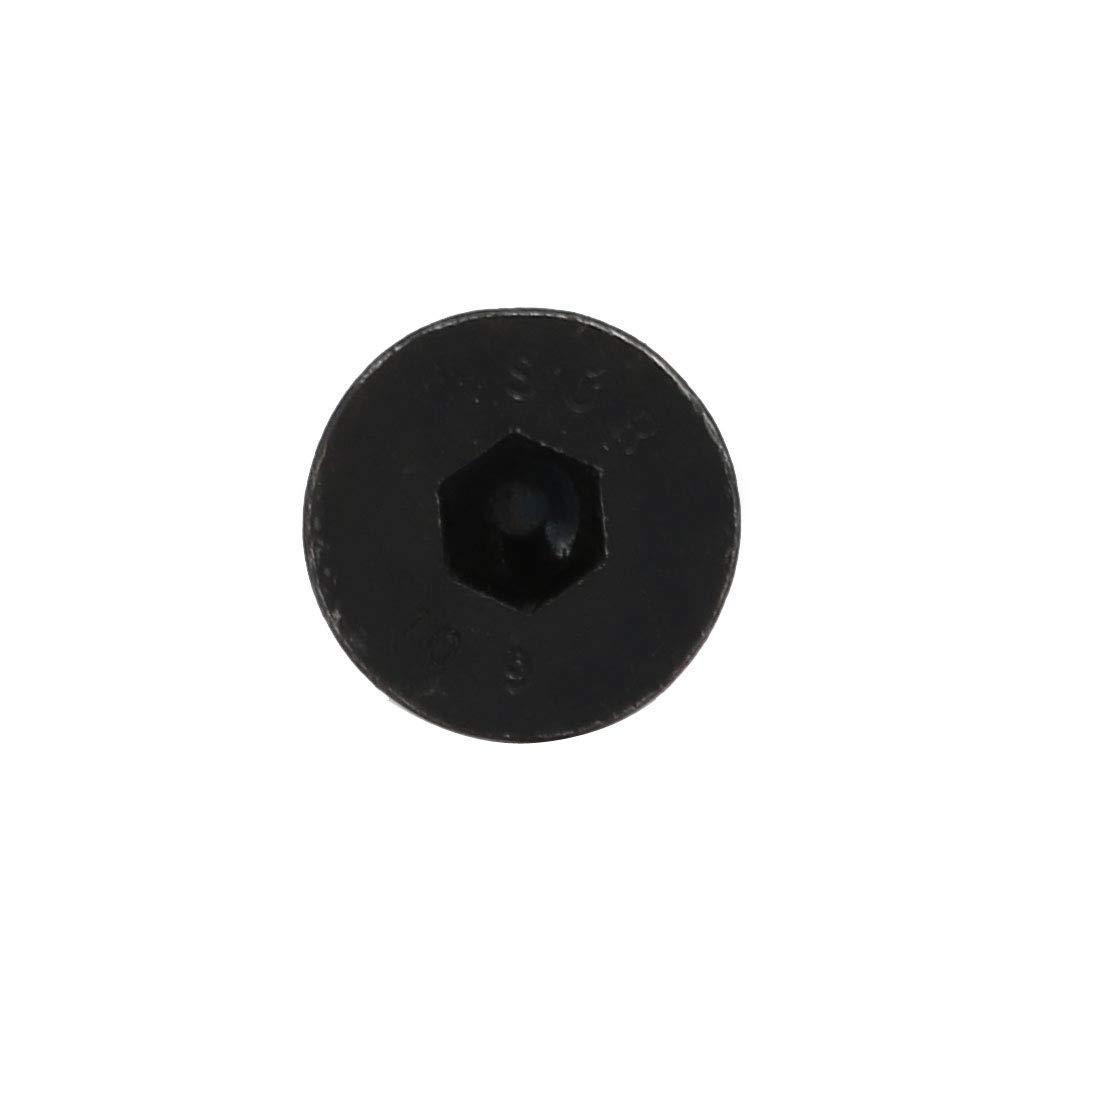 2pcs M6x30mm T/ête frais/ée vis /à filetage /à gauche fixation DIN7991